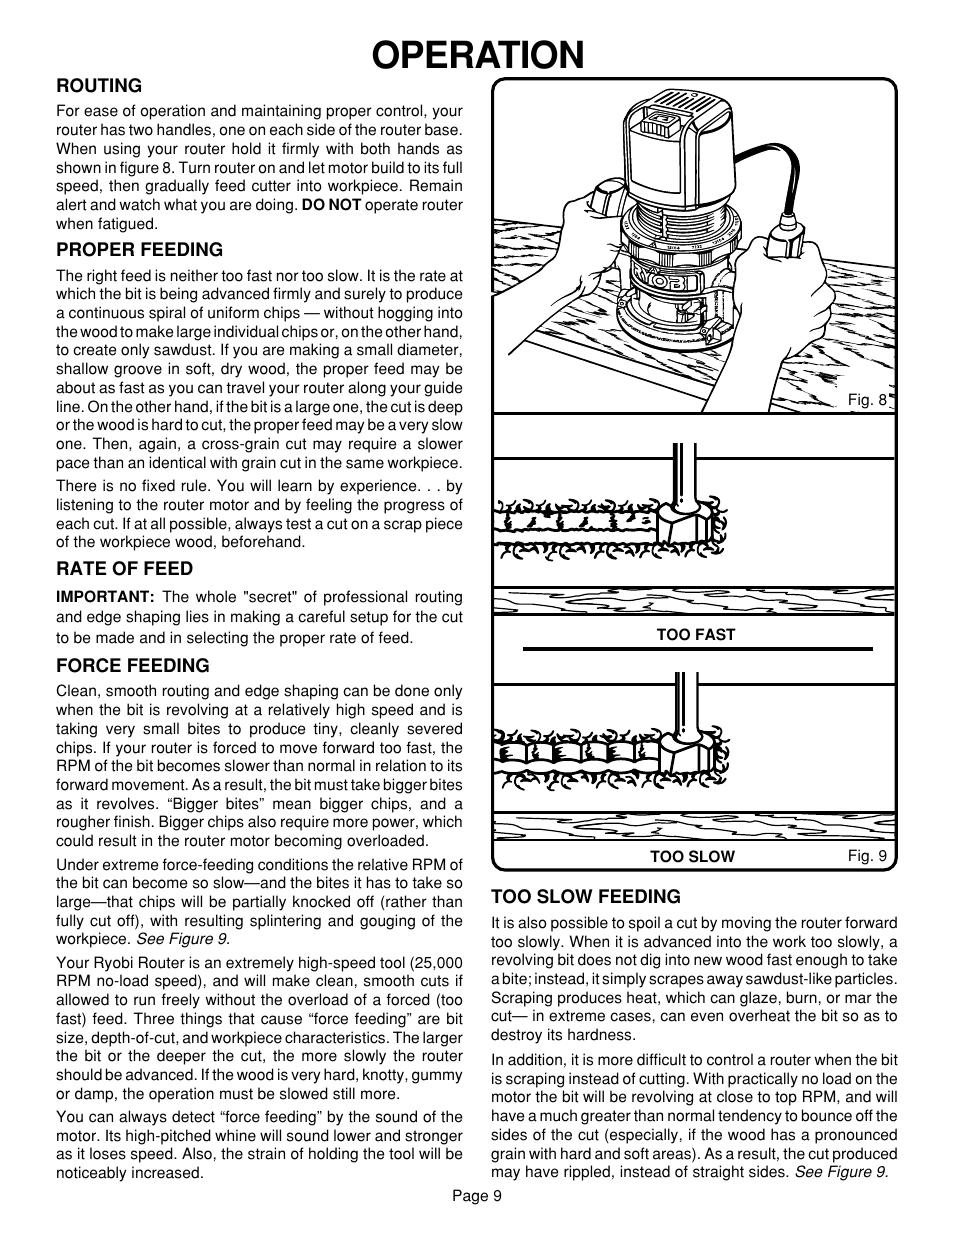 operation ryobi r160 user manual page 9 17 original mode rh manualsdir com